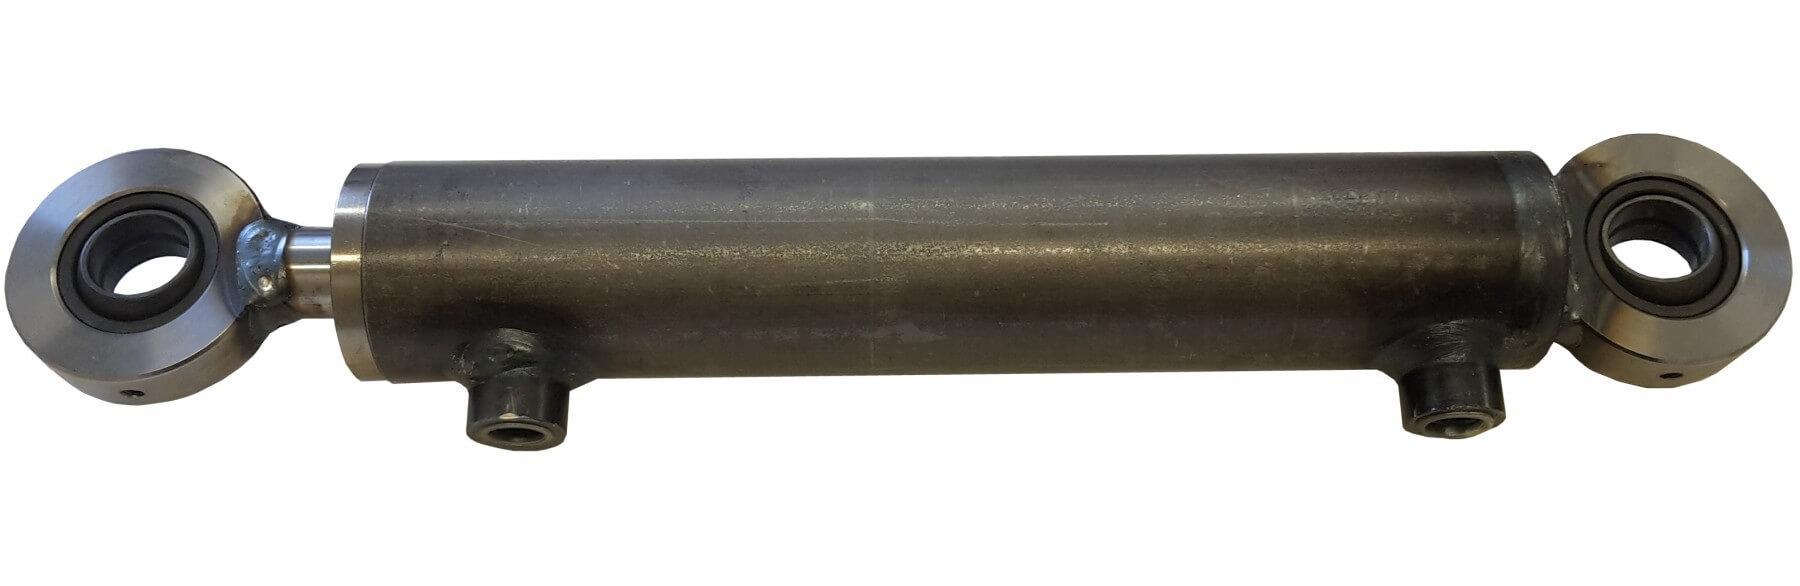 Hydraulisylinteri CL 40. 20. 300 GE - Kailatec Oy Verkkokauppa